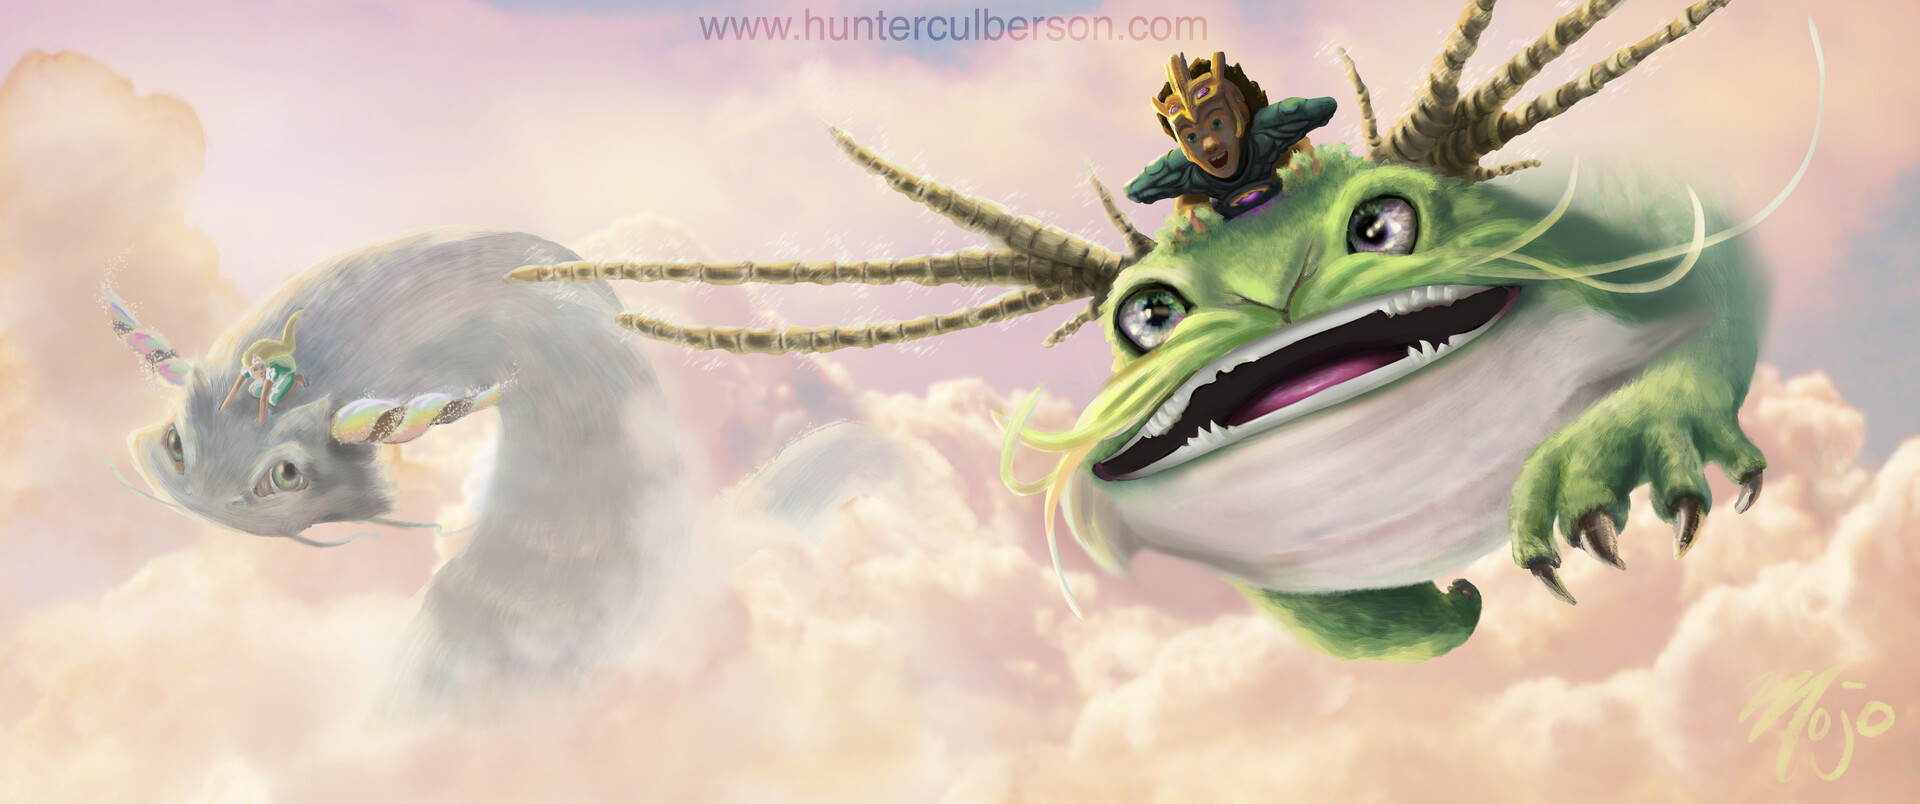 Hunter culberson mojo dragon poster